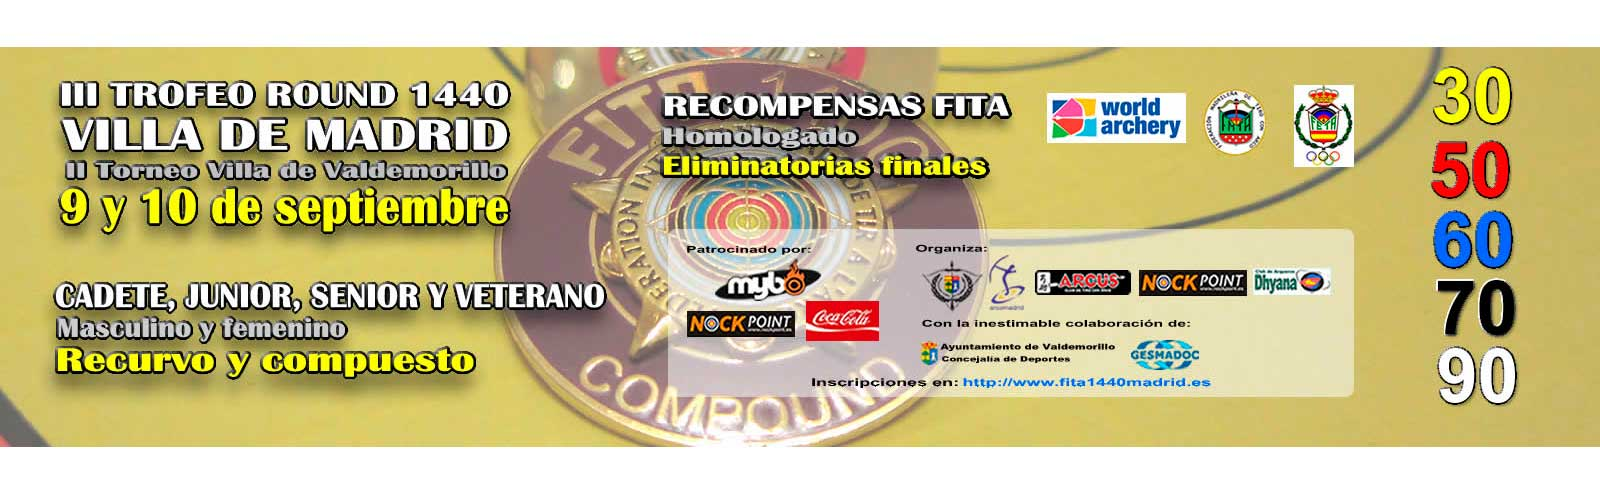 III Trofeo Round 1440 Villa de Madrid